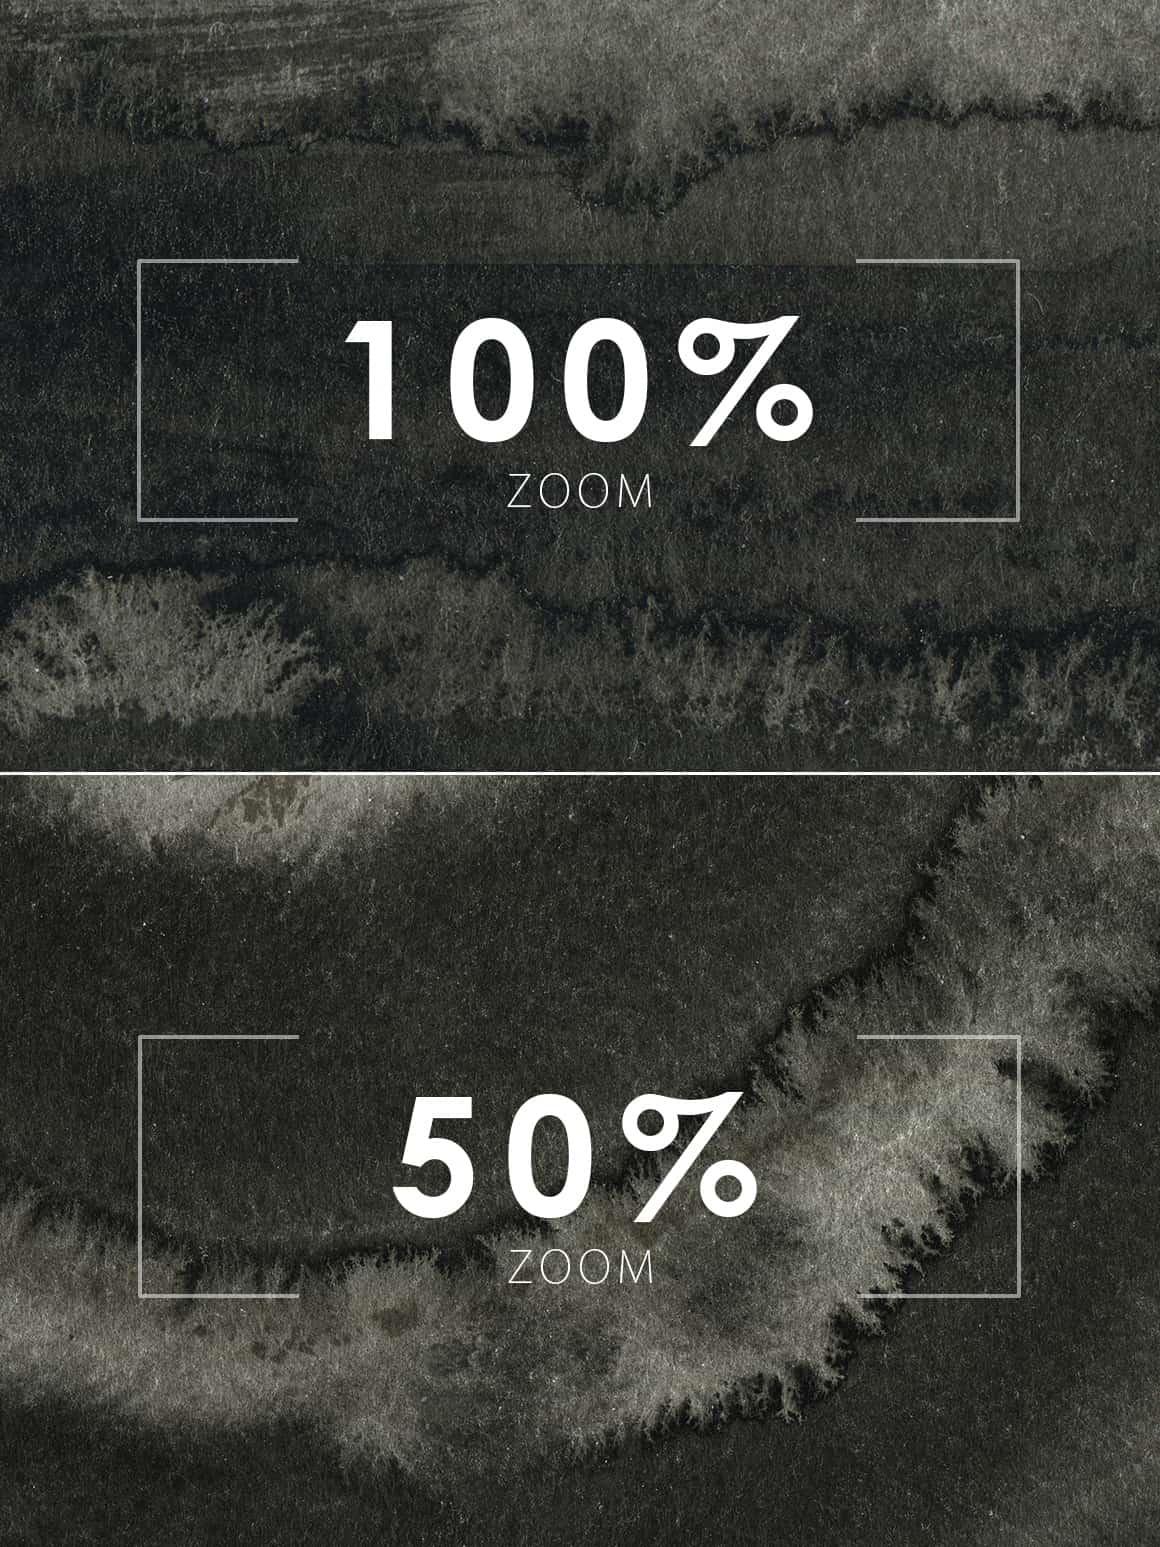 Ink&Marble Backgrounds & Textures Bundle: 900+ IMAGES - $18 Only - Black Ink Backgrounds prev3 min